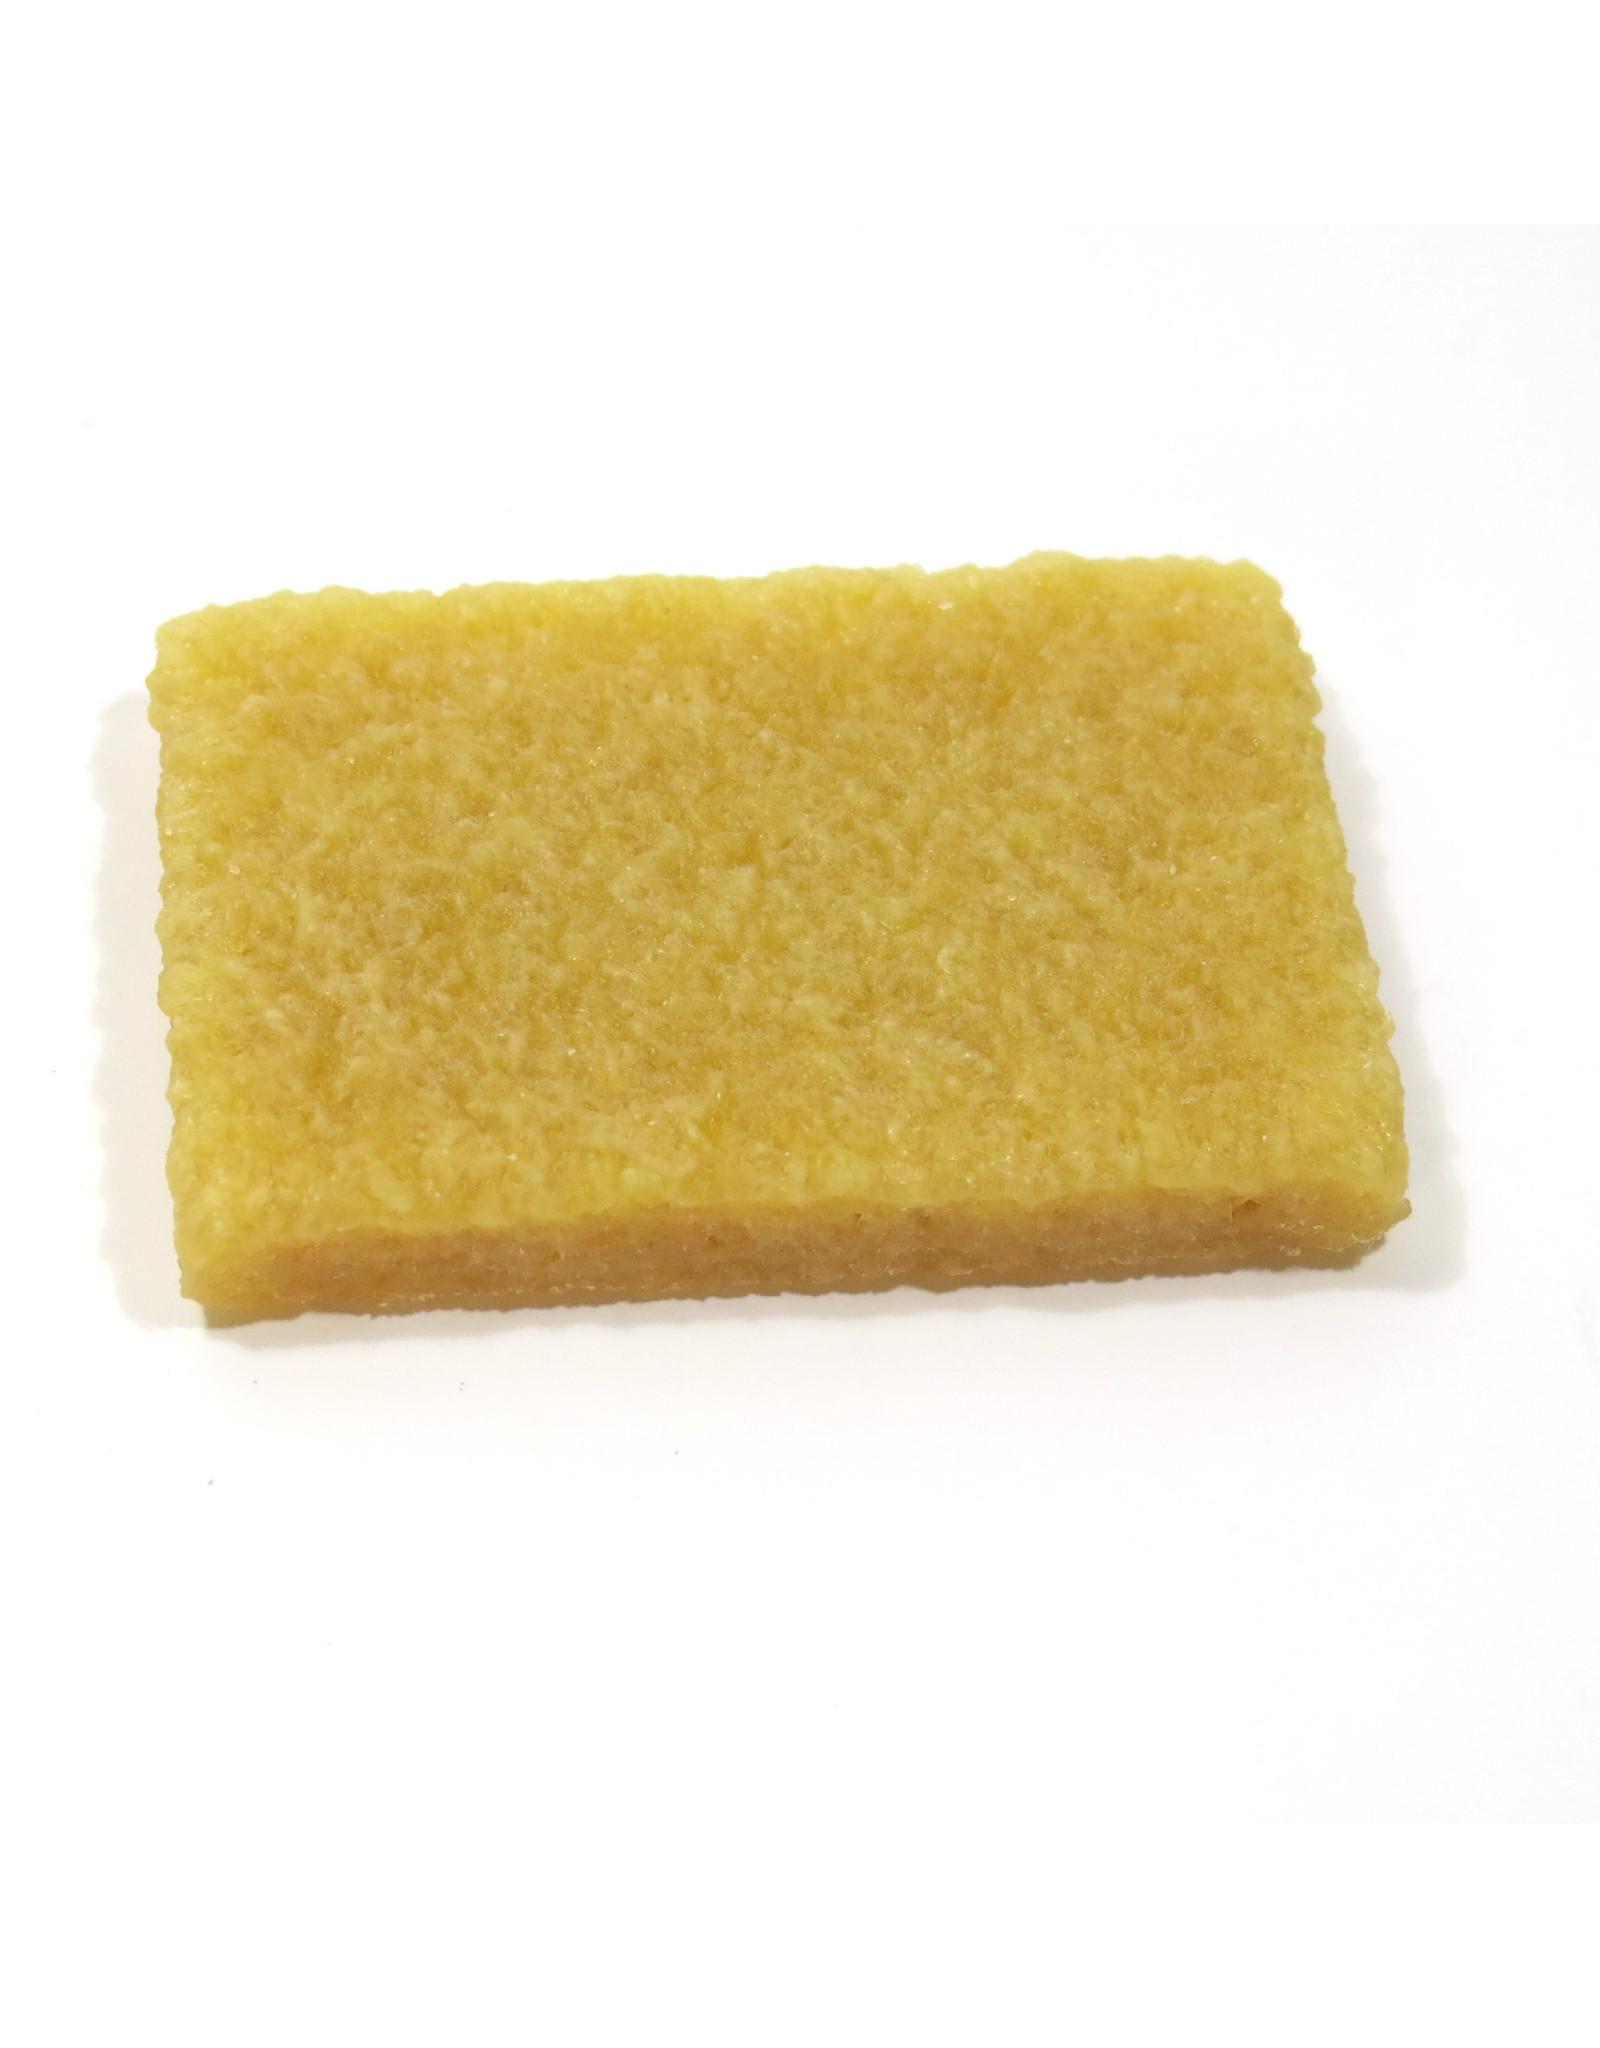 Adhesive eraser gum